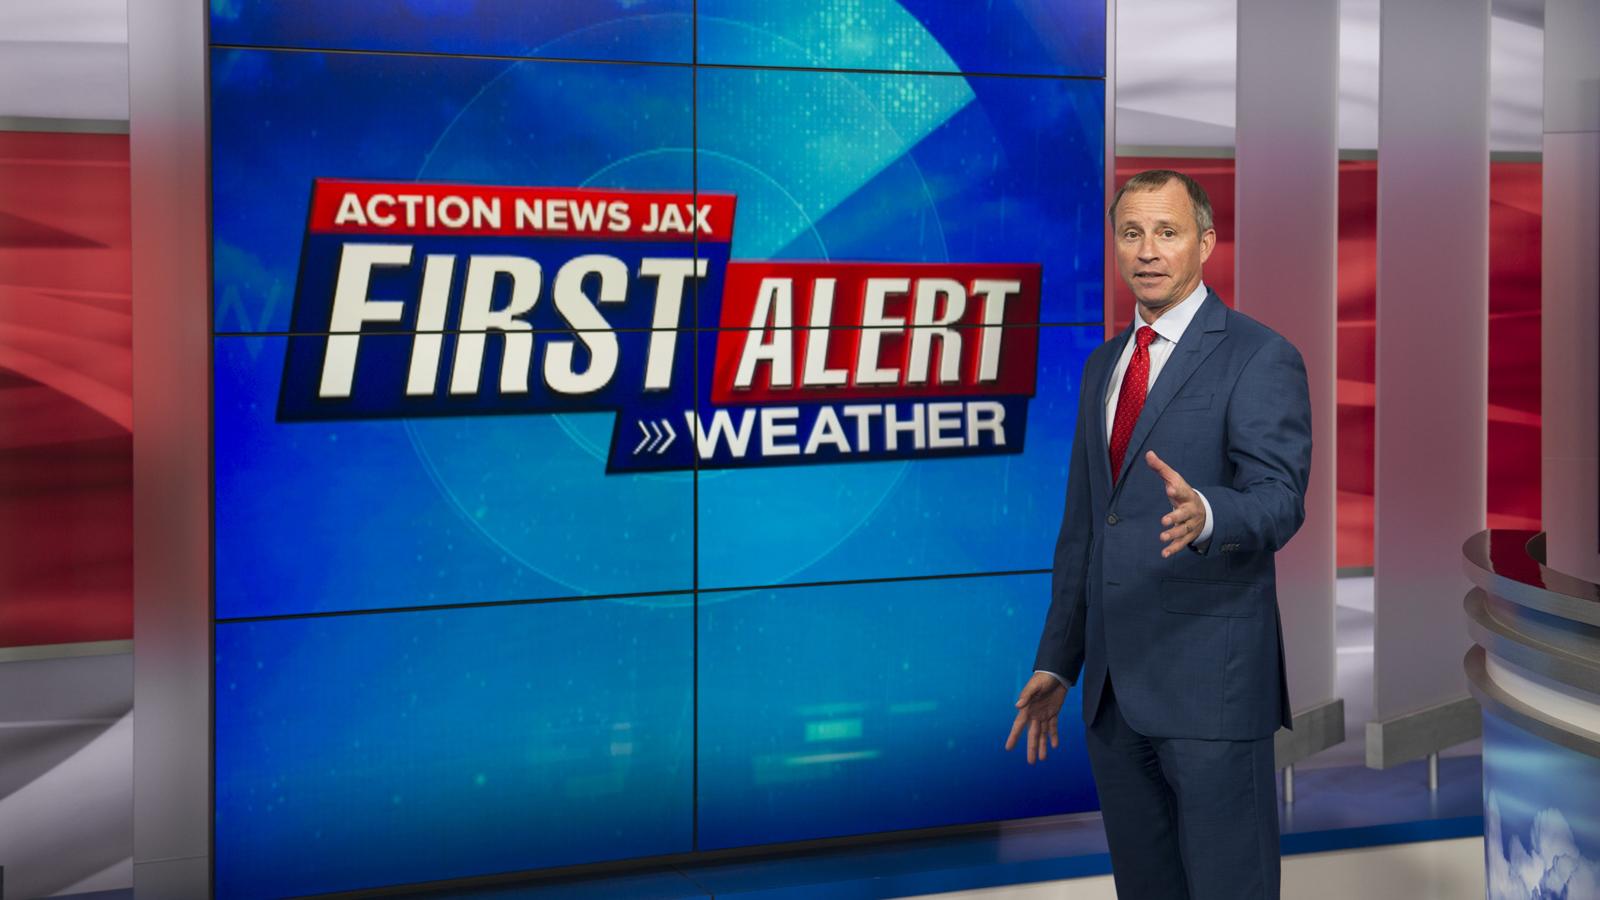 ncs_action-news-jax-tv-studio-wjax_0018